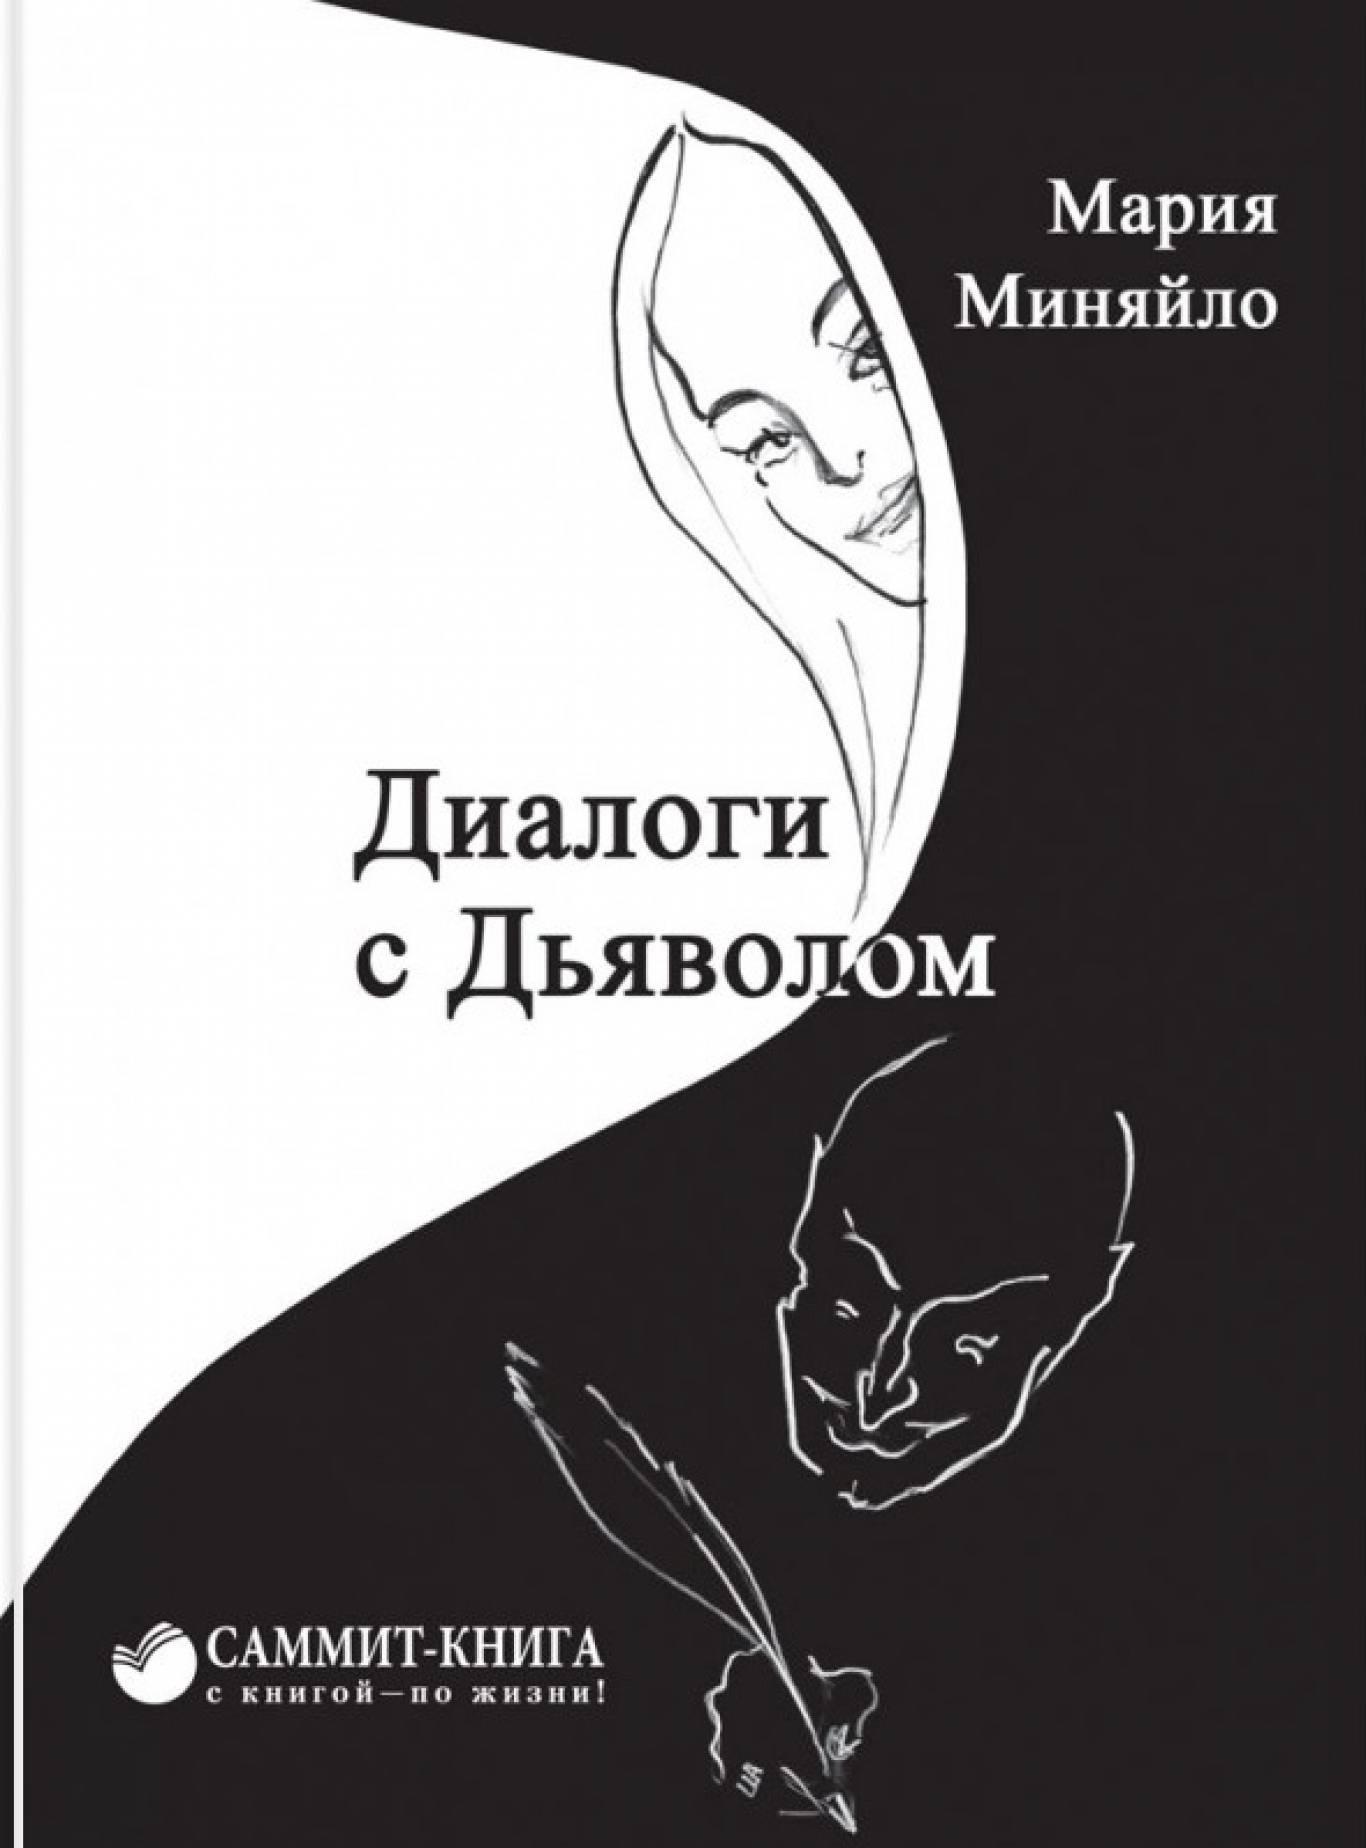 """Презентація книги Марії Міняйло """"Диалоги с дьяволом"""""""